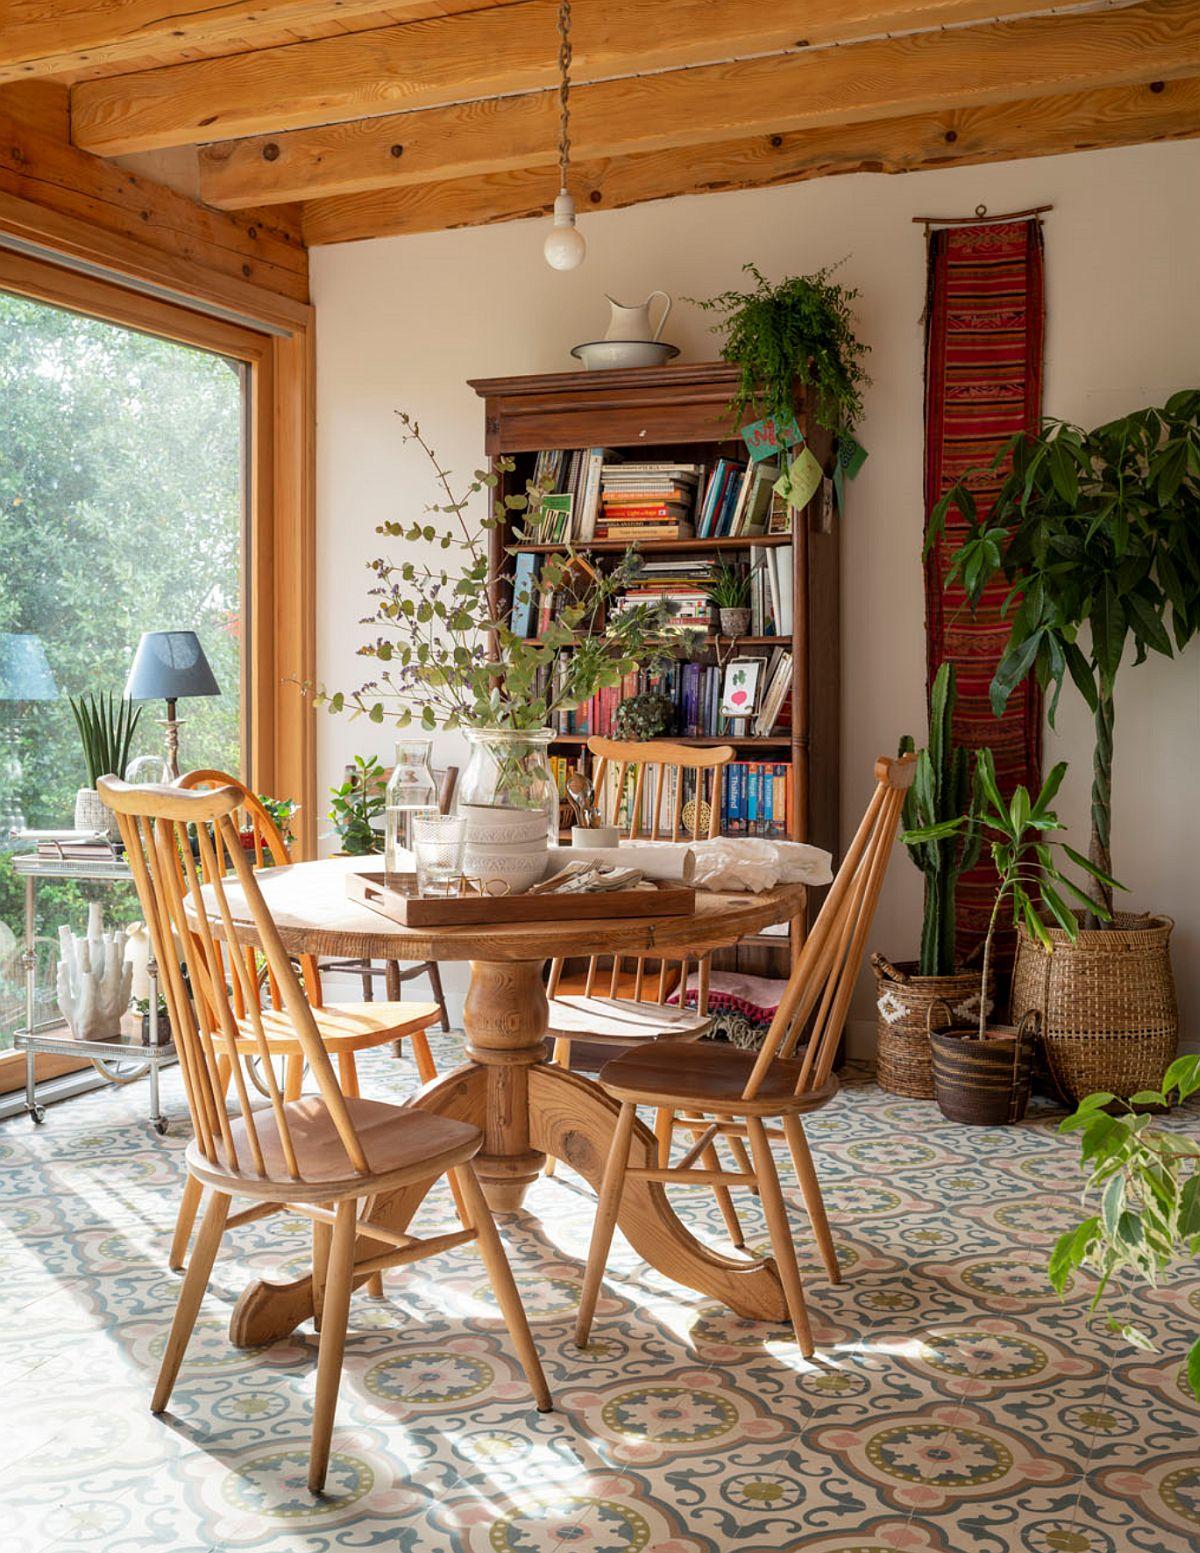 În zona ferestrelor este amplasat locul de luat masa.